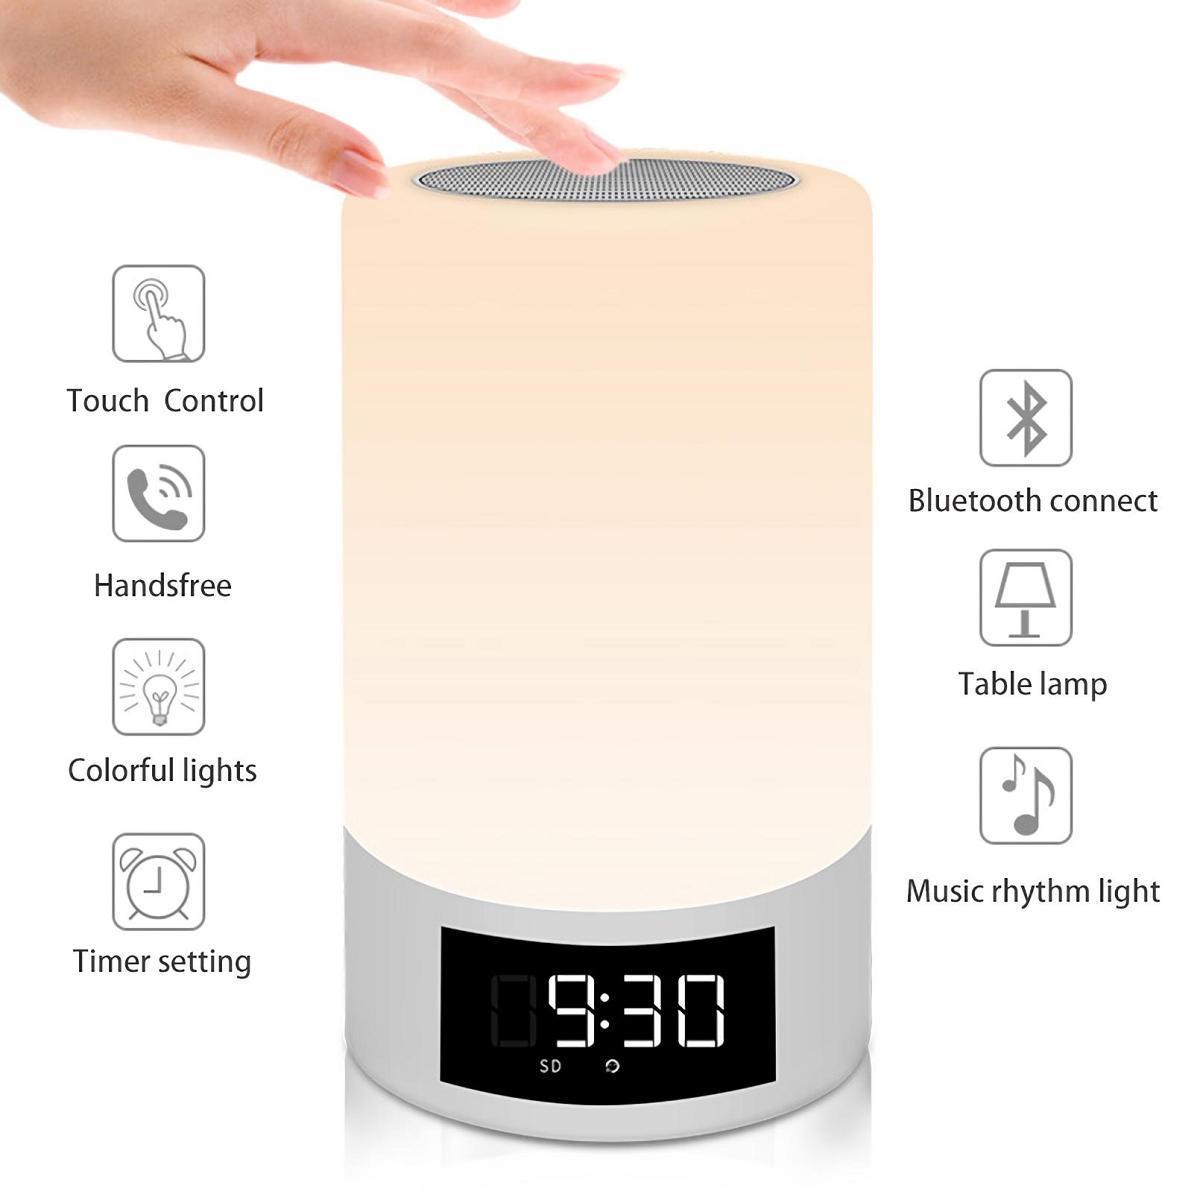 Altavoz del ordenador Altavoz Bluetooth RGB colorido de la música inteligente de luz LED Soporte de audio AUX TF tarjeta FM Radio lámpara de mesa de batería 4000mAh